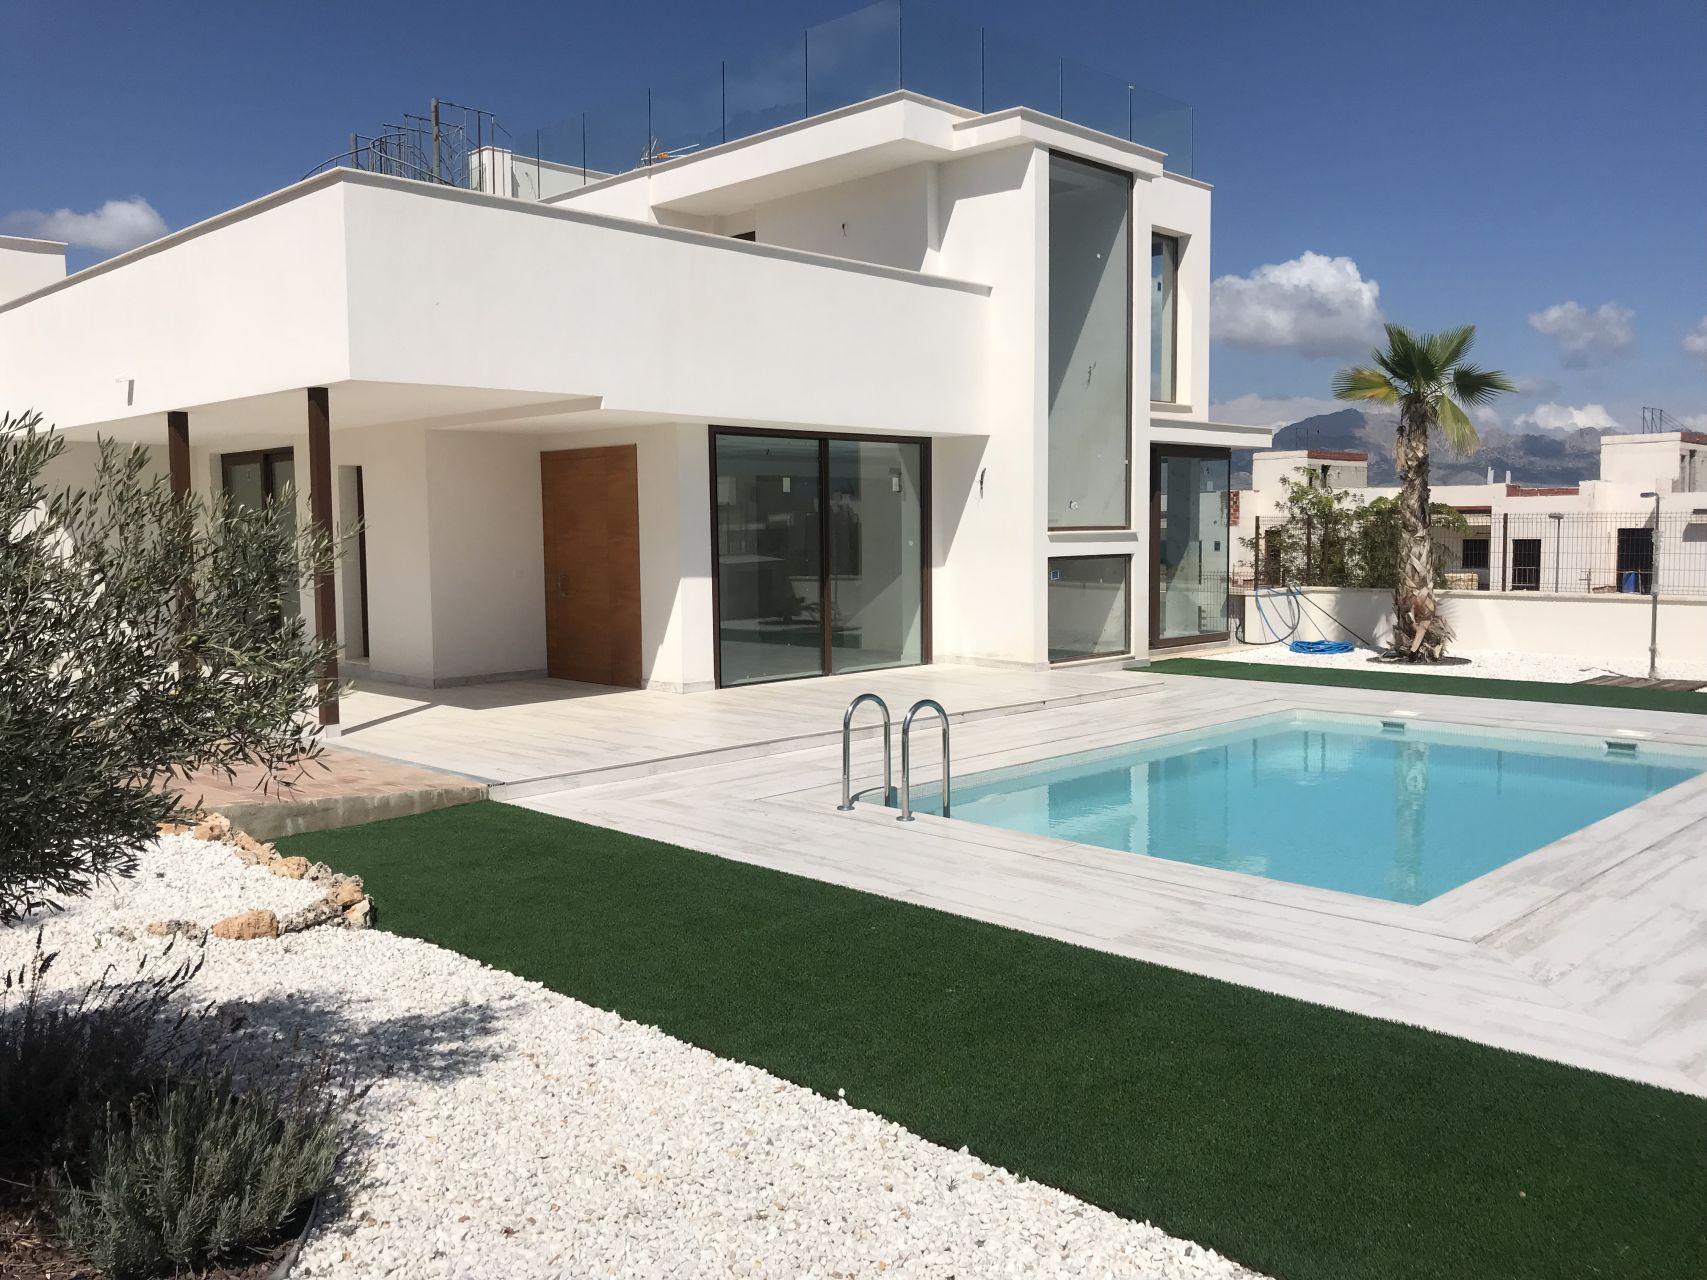 Villas in Polop 9